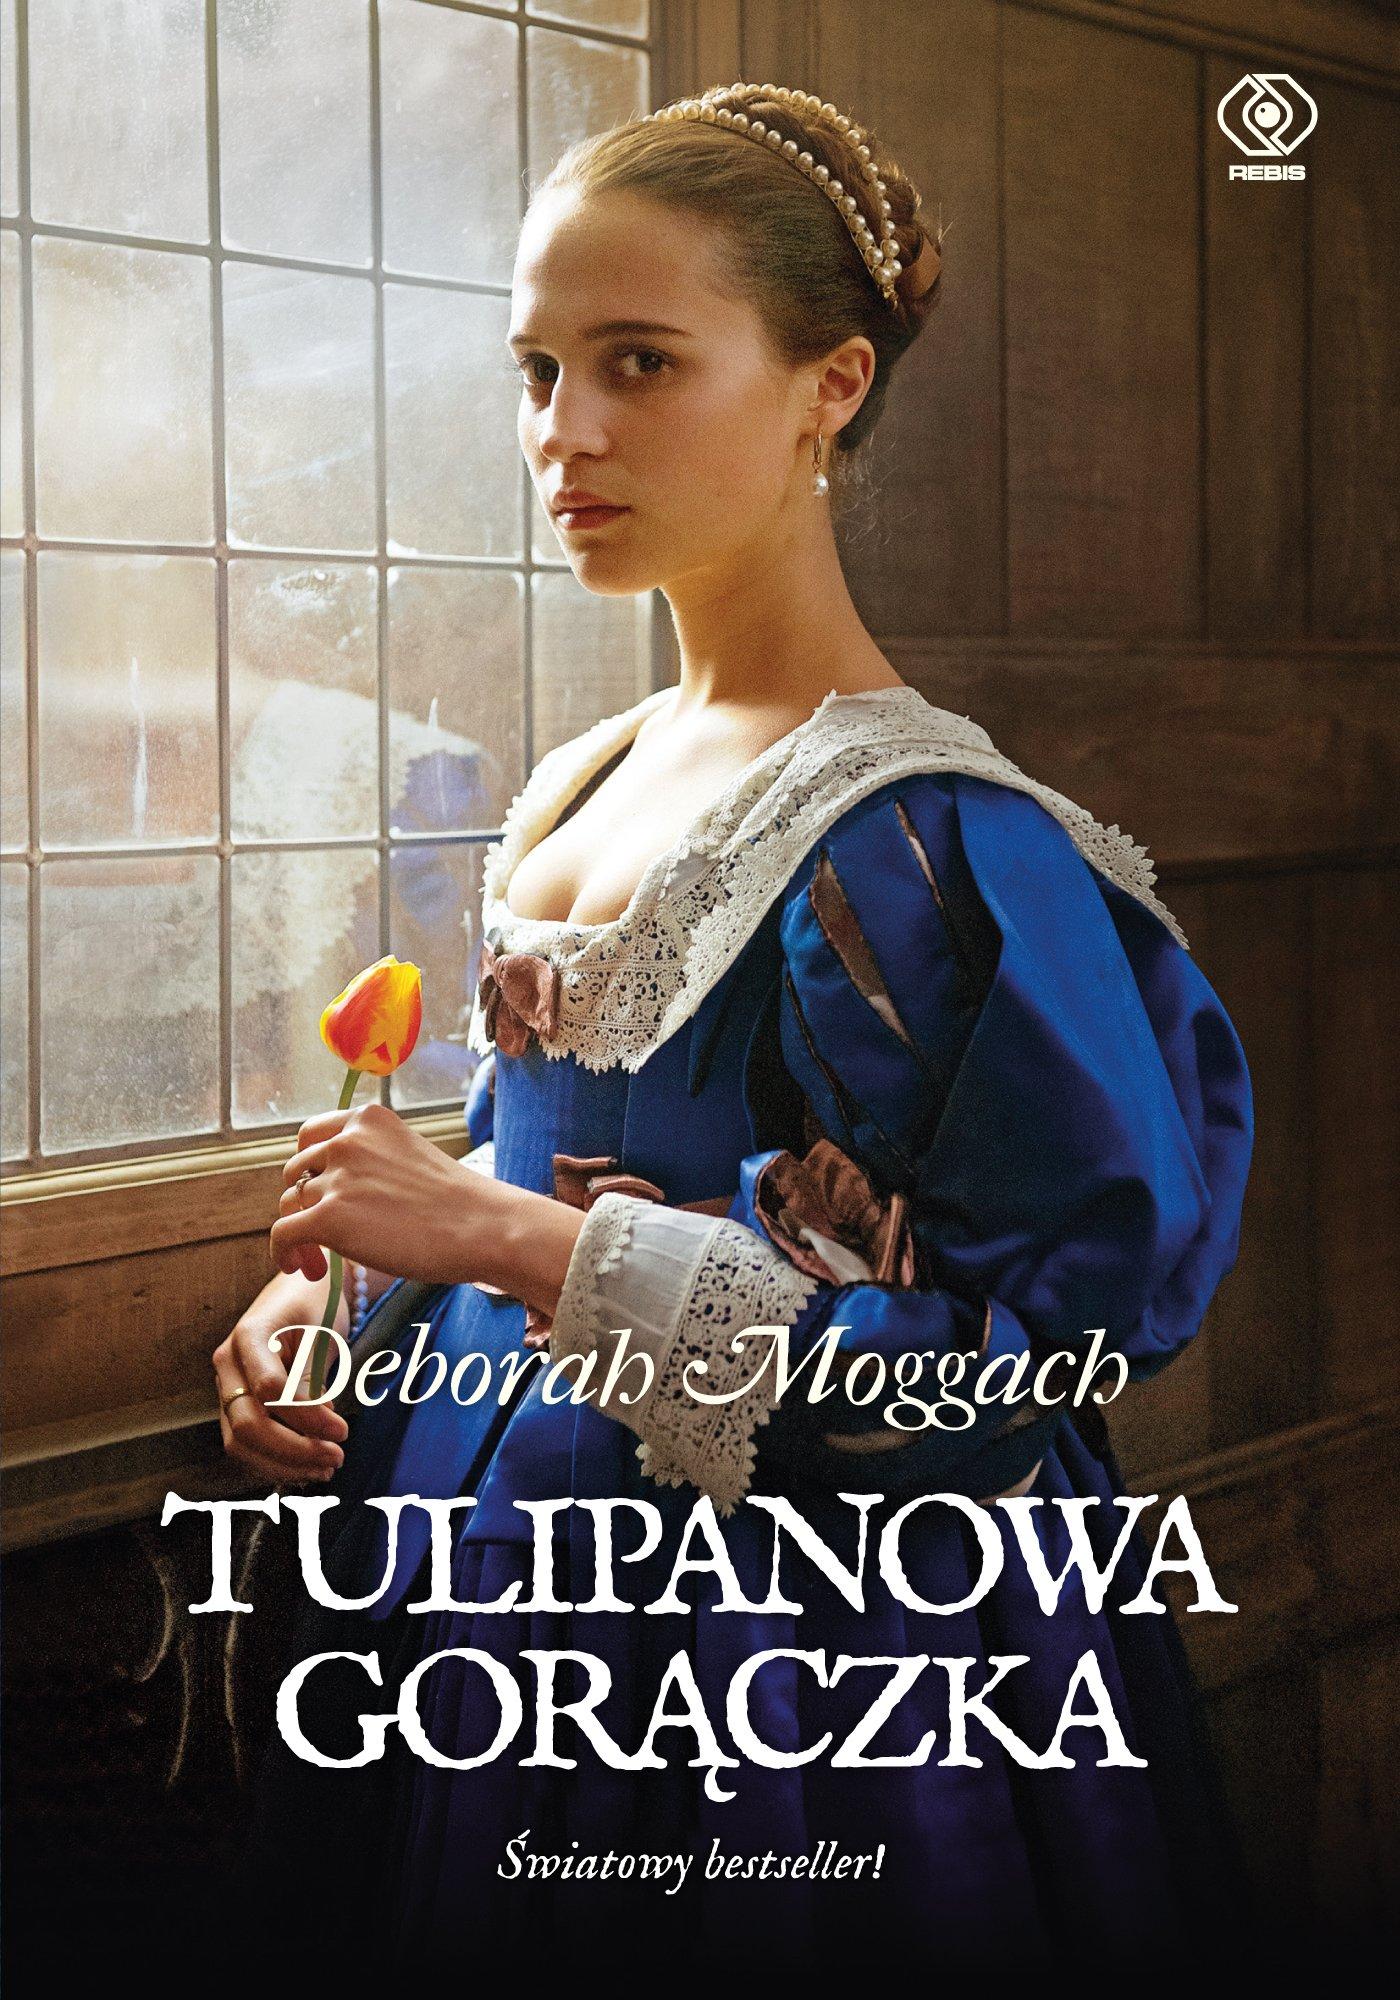 Tulipanowa gorączka - Ebook (Książka EPUB) do pobrania w formacie EPUB